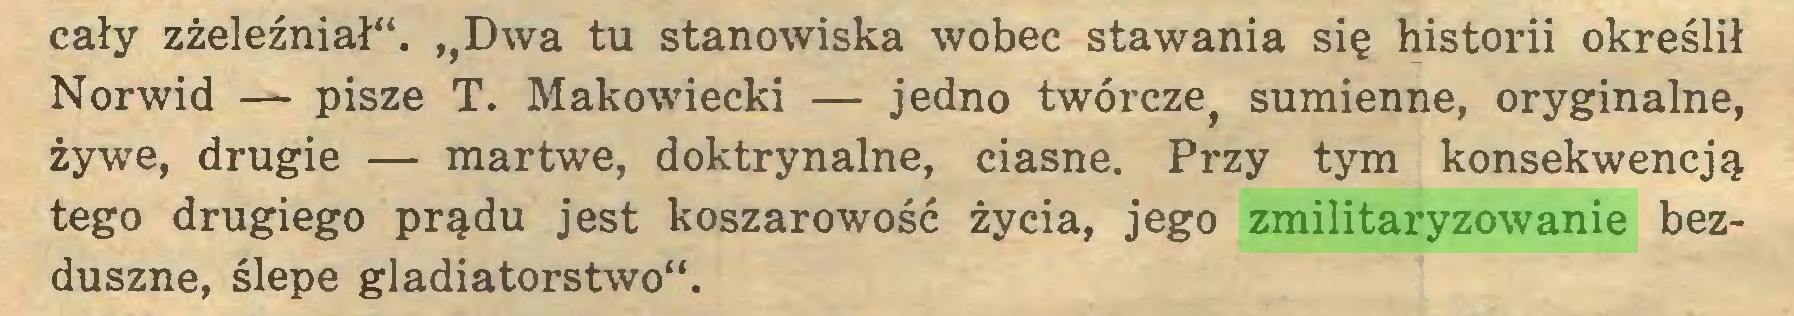 """(...) cały zżeleźniał"""". ,,Dwa tu stanowiska wobec stawania się historii określił Norwid — pisze T. Makowiecki — jedno twórcze, sumienne, oryginalne, żywe, drugie — martwe, doktrynalne, ciasne. Przy tym konsekwencją tego drugiego prądu jest koszarowość życia, jego zmilitaryzowanie bezduszne, ślepe gladiatorstwo""""..."""